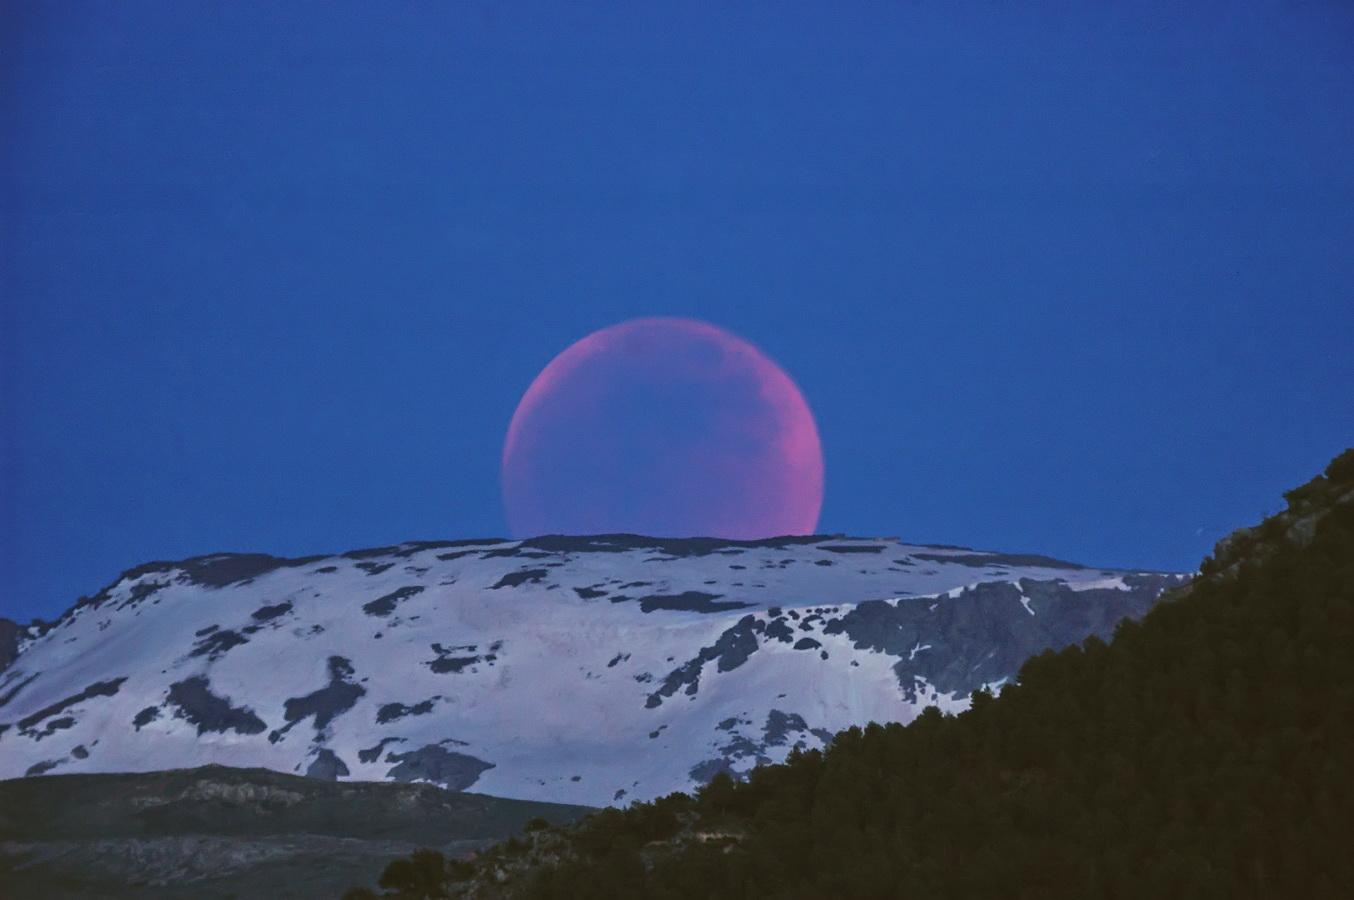 Luna saliendo eclipsada el 15/5/2011